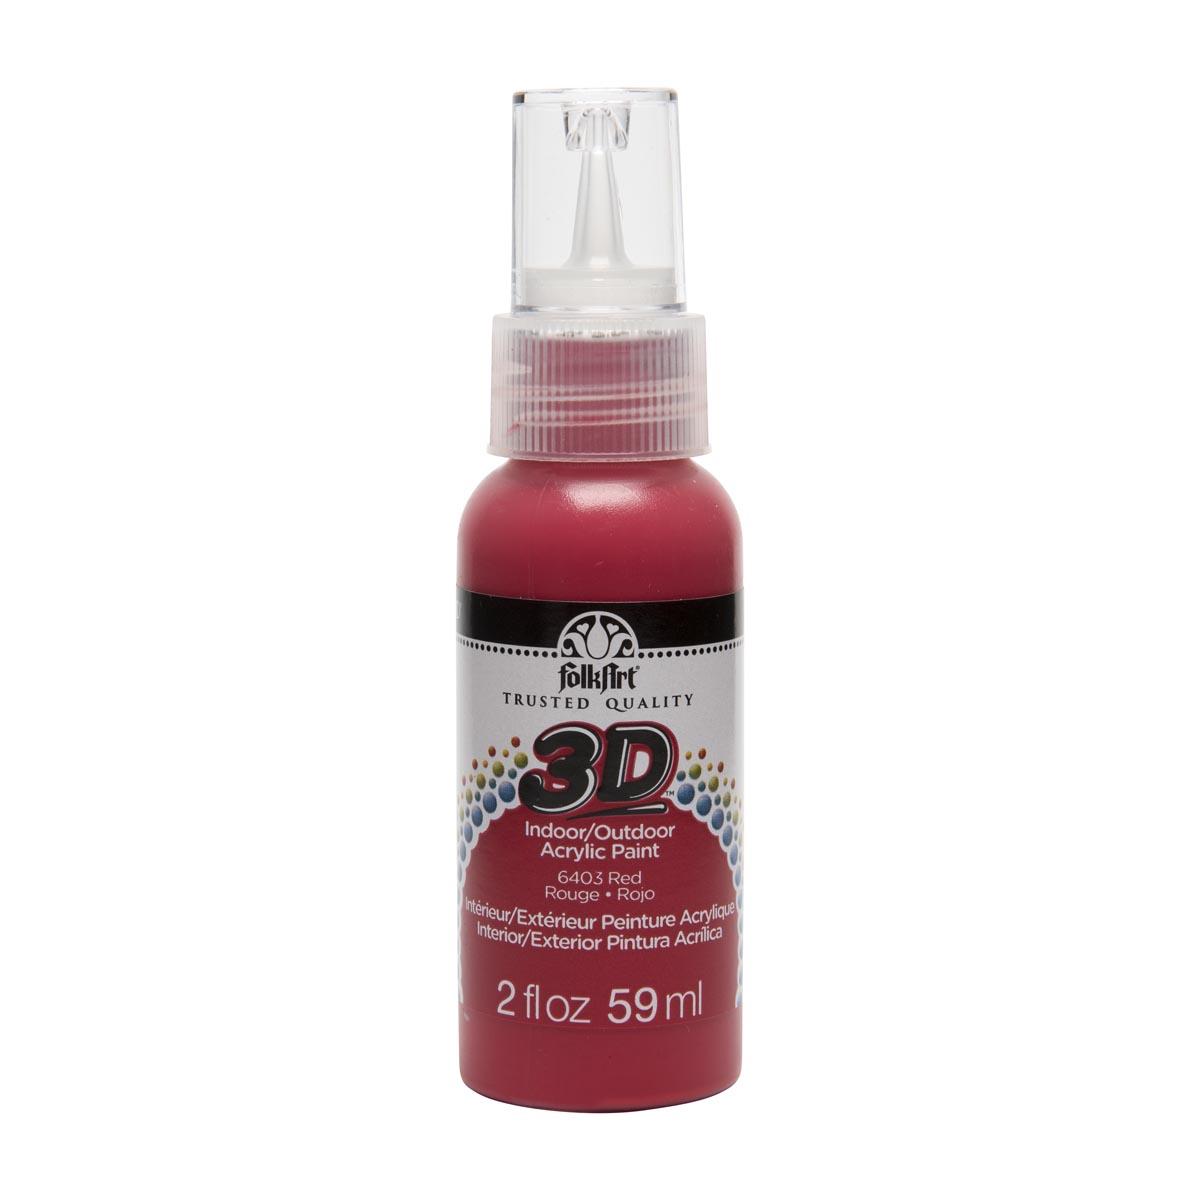 FolkArt ® 3D™ Acrylic Paint - Red, 2 oz. - 6403